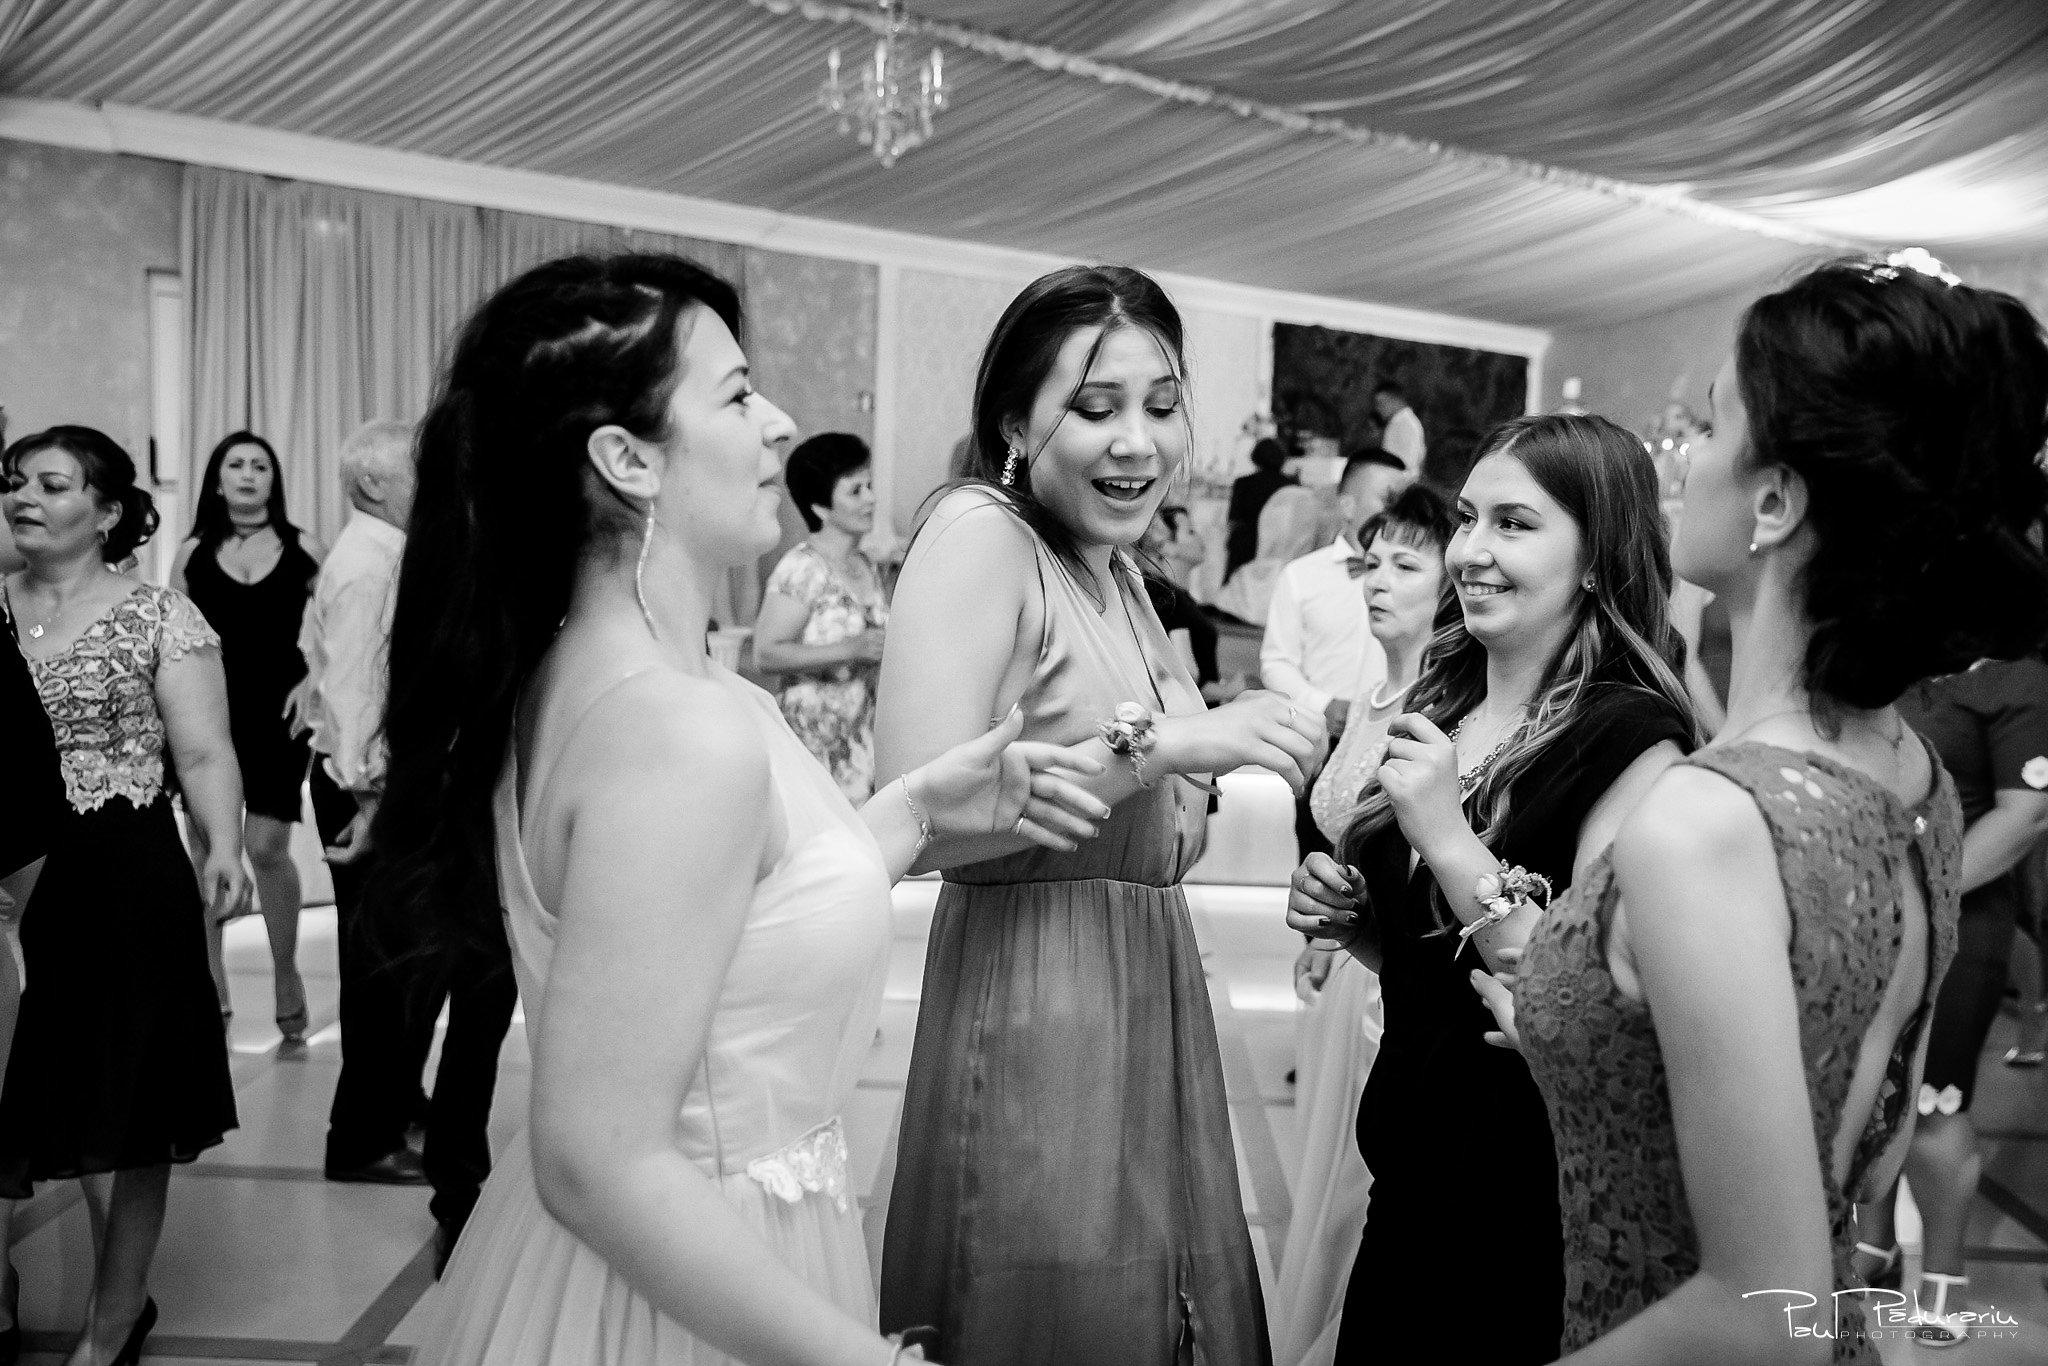 Nunta la Castel Iasi Ana-Maria si Marius fotograf profesionistwww.paulpadurariu.ro © 2018 Paul Padurariu 21